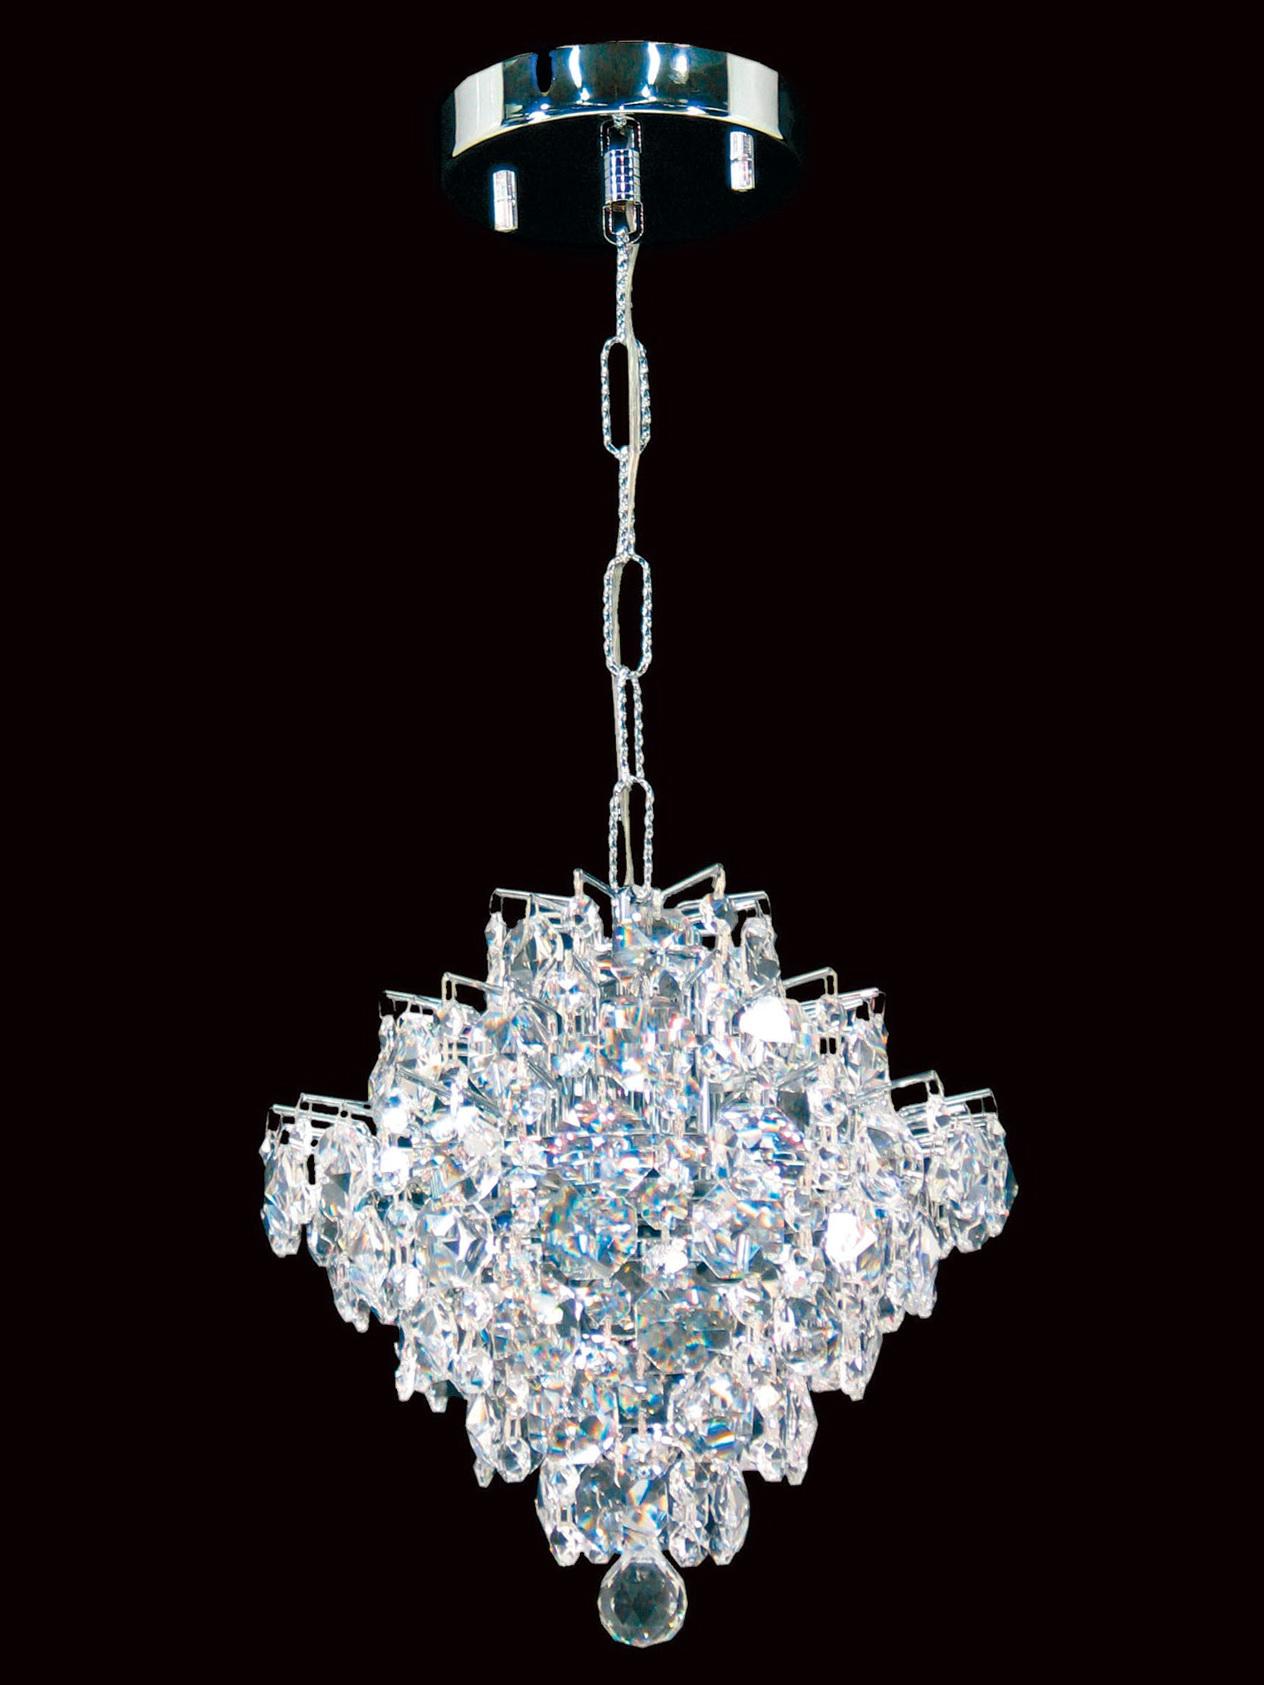 Led Crystal Chandelier Lighting